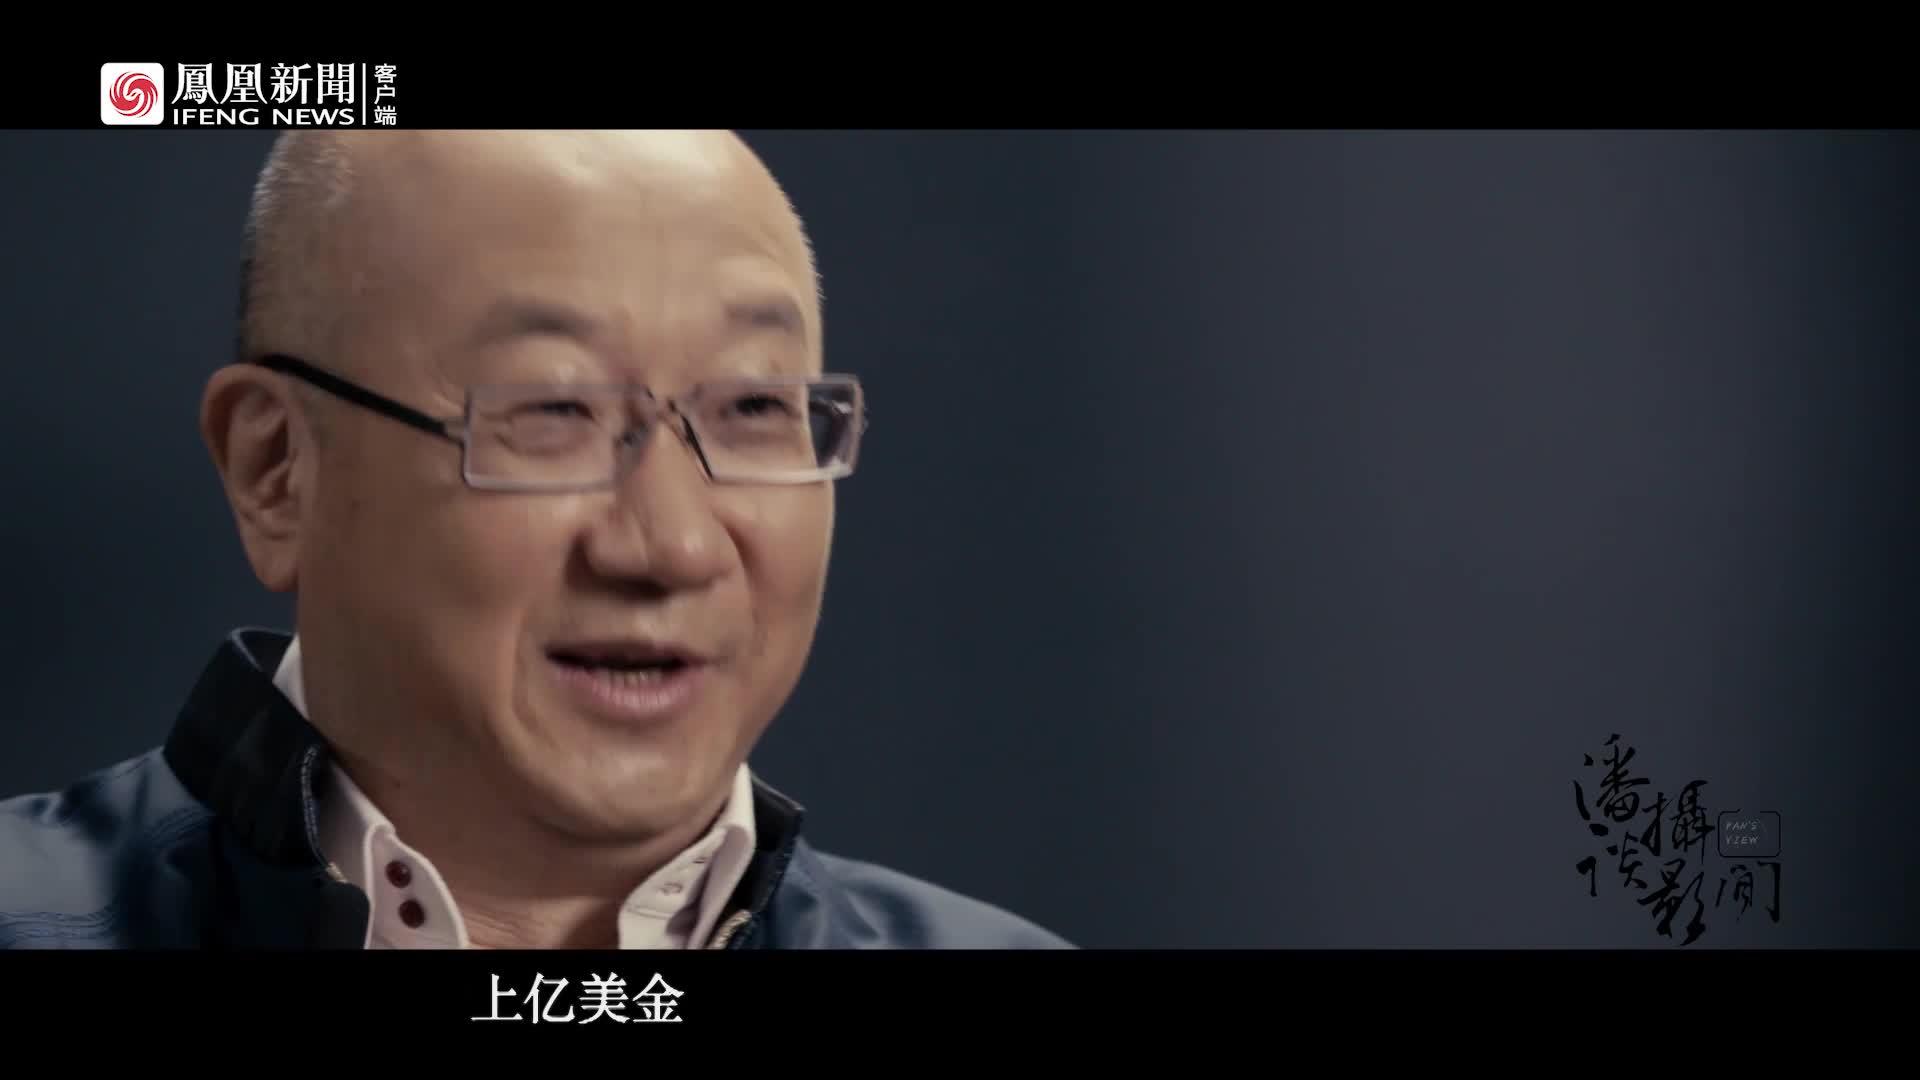 潘石屹、冯仑:那年咱们平均25岁,就赚了上亿美金